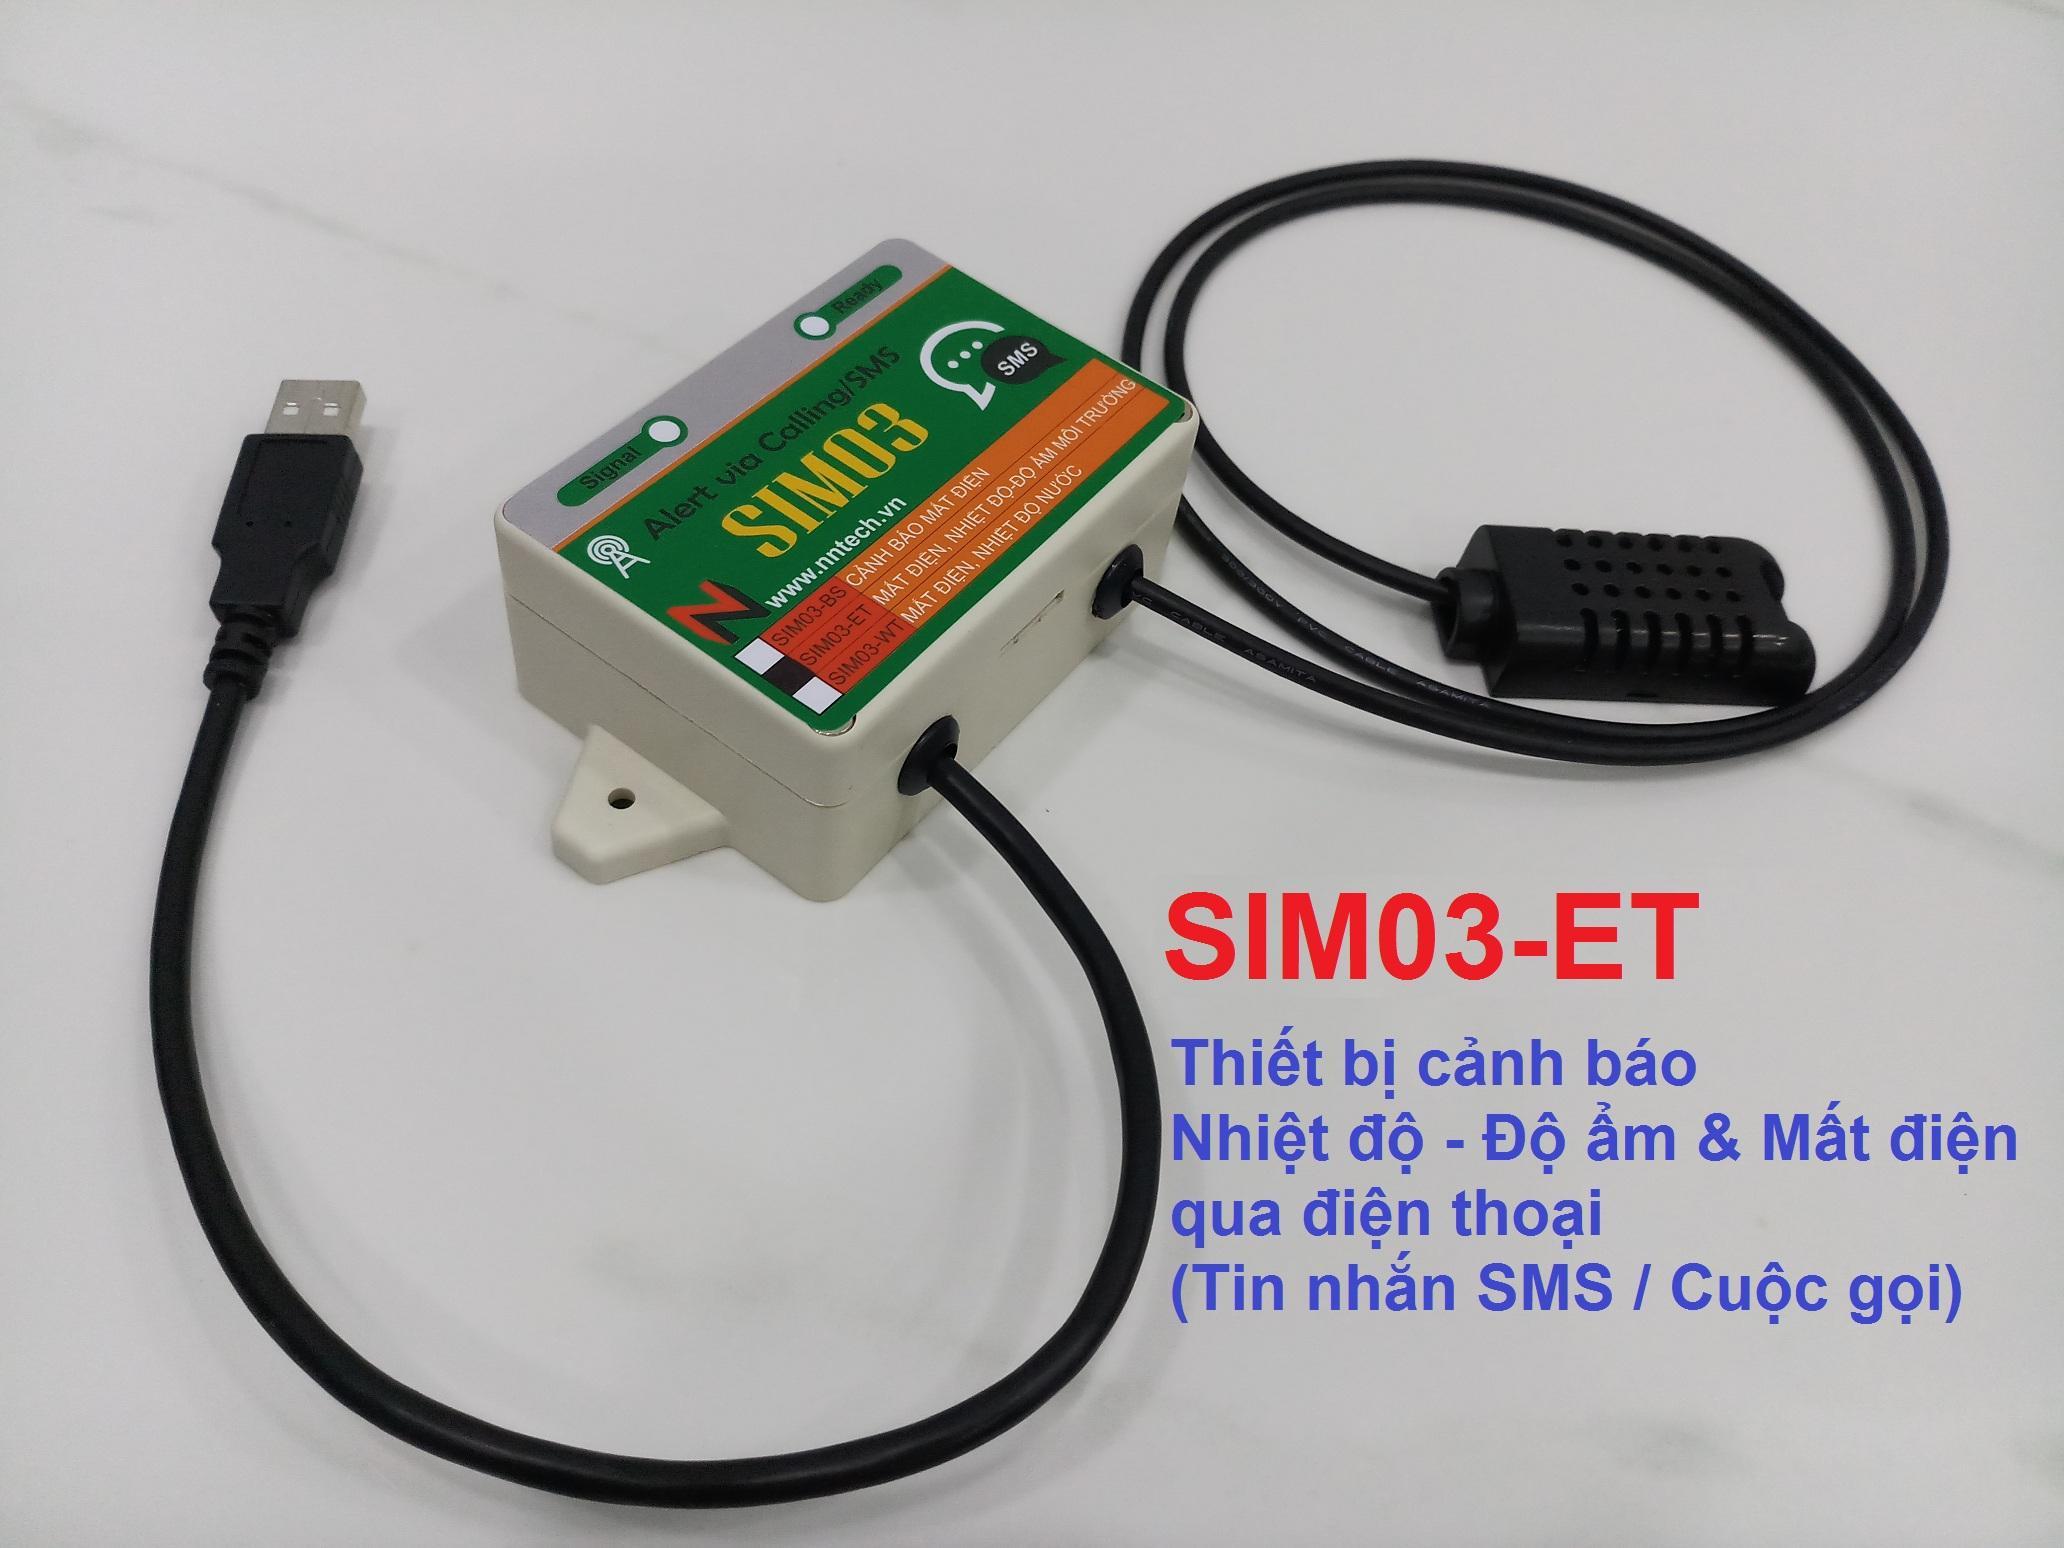 Giá Thiết bị cảnh báo Độ ẩm Nhiệt độ và Mất điện qua điện thoại bằng Tin nhắn SMS Cuộc gọi SIM03-ET